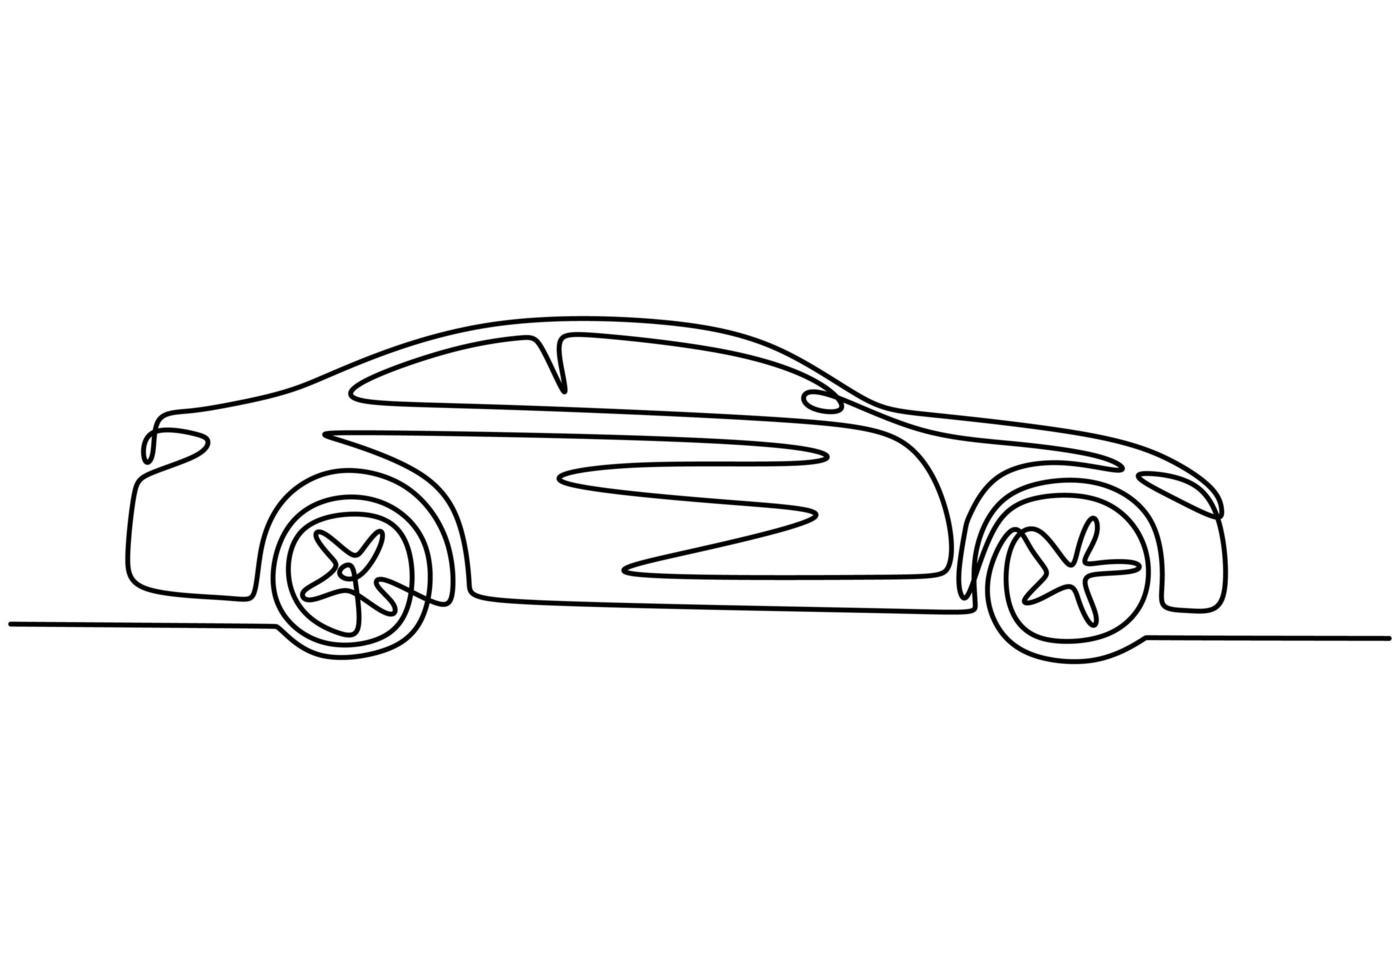 een lijntekening van auto. sedan voertuig, vector illustratie minimalisme